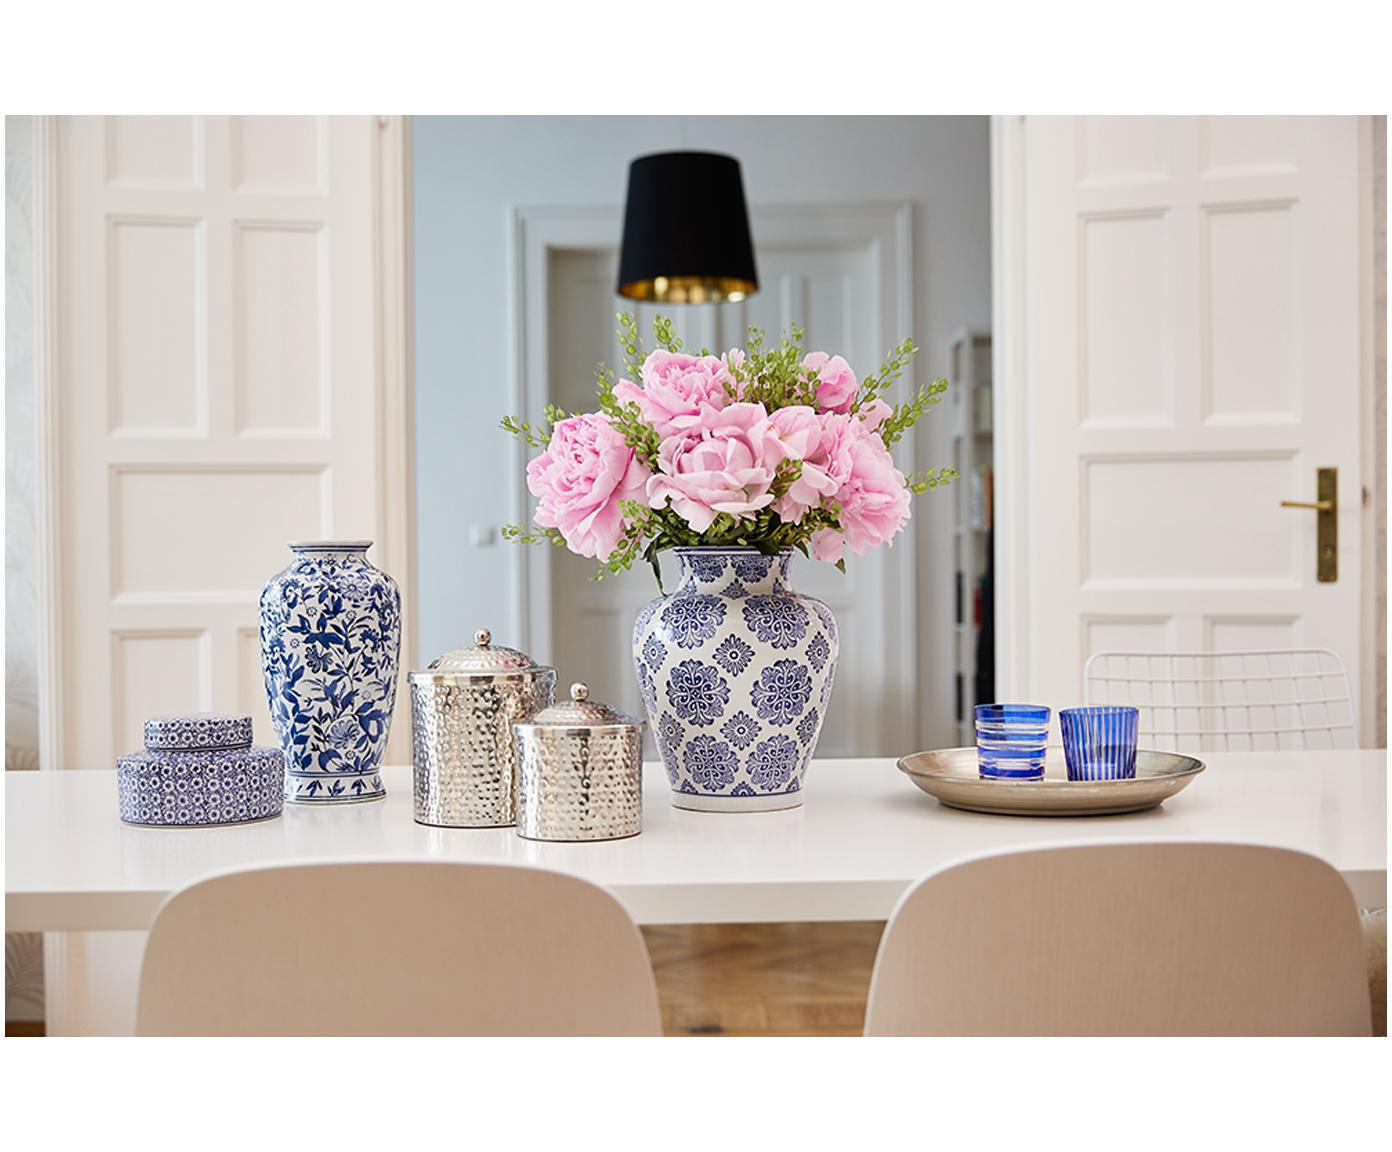 Wazon dekoracyjny z porcelany Lin, Porcelana, niewodoodporna, Biały, niebieski, Ø 21 x W 28 cm